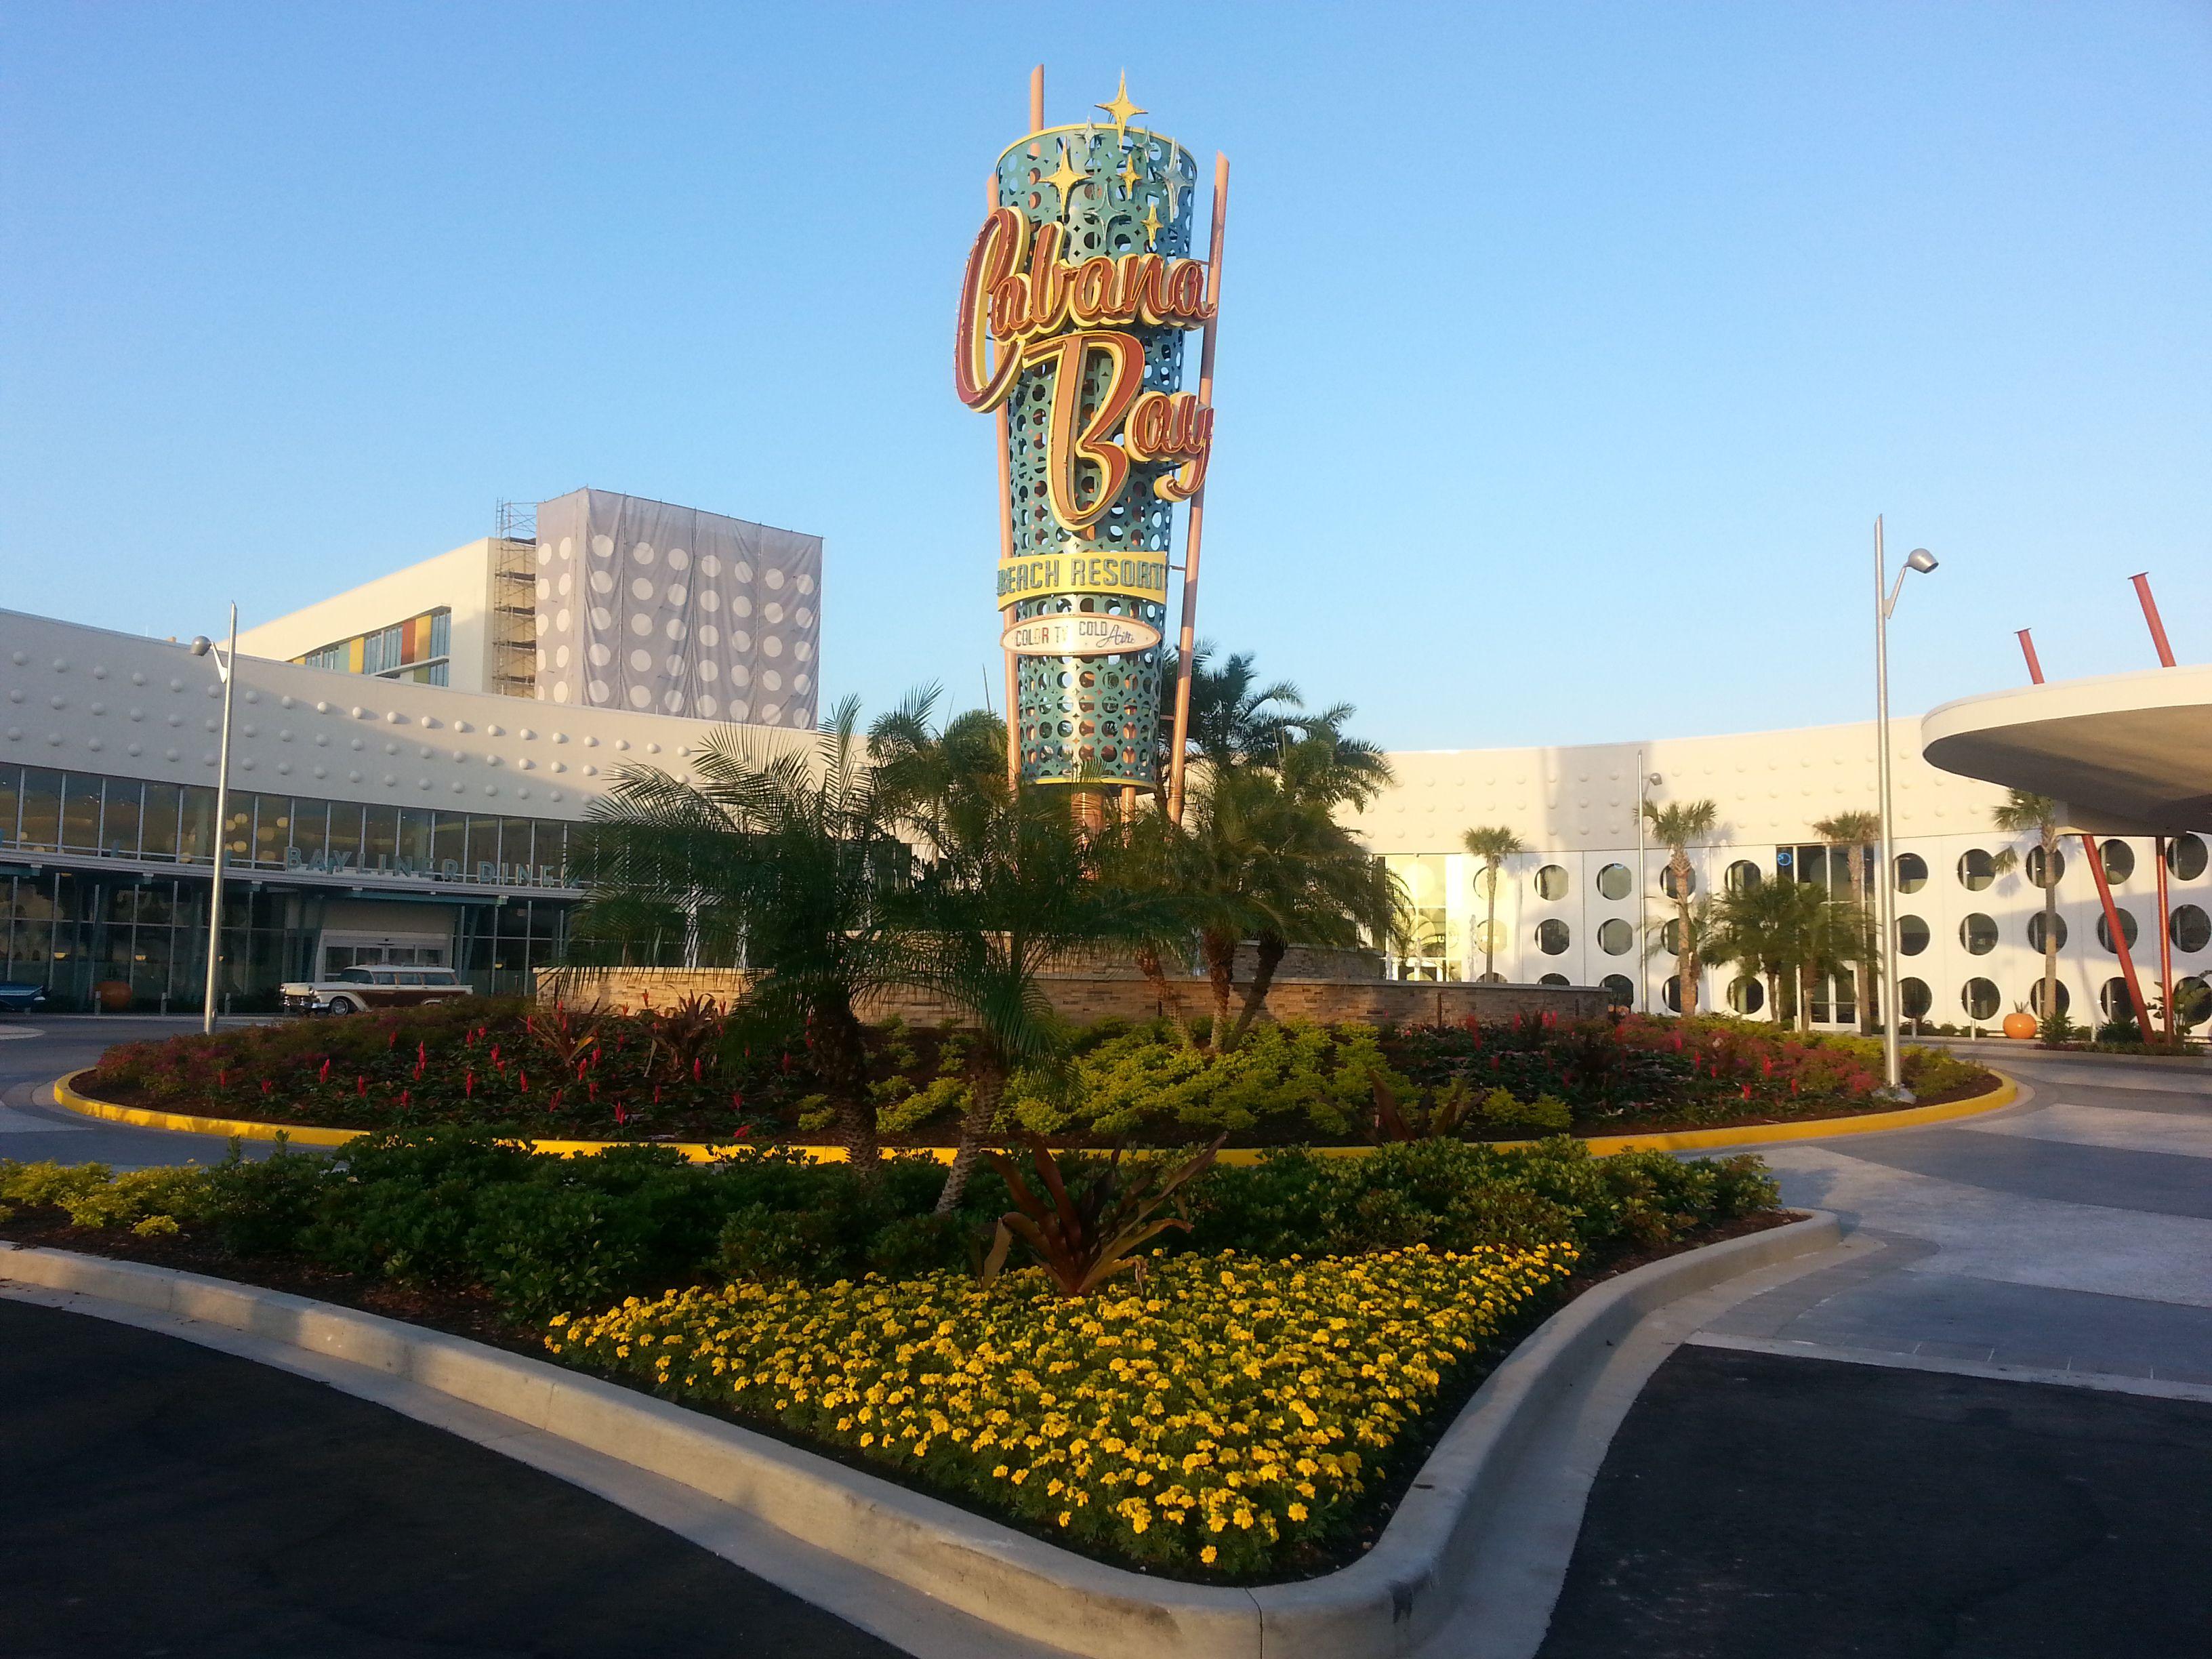 Letrero exterior de Cabana Bay Beach Resort